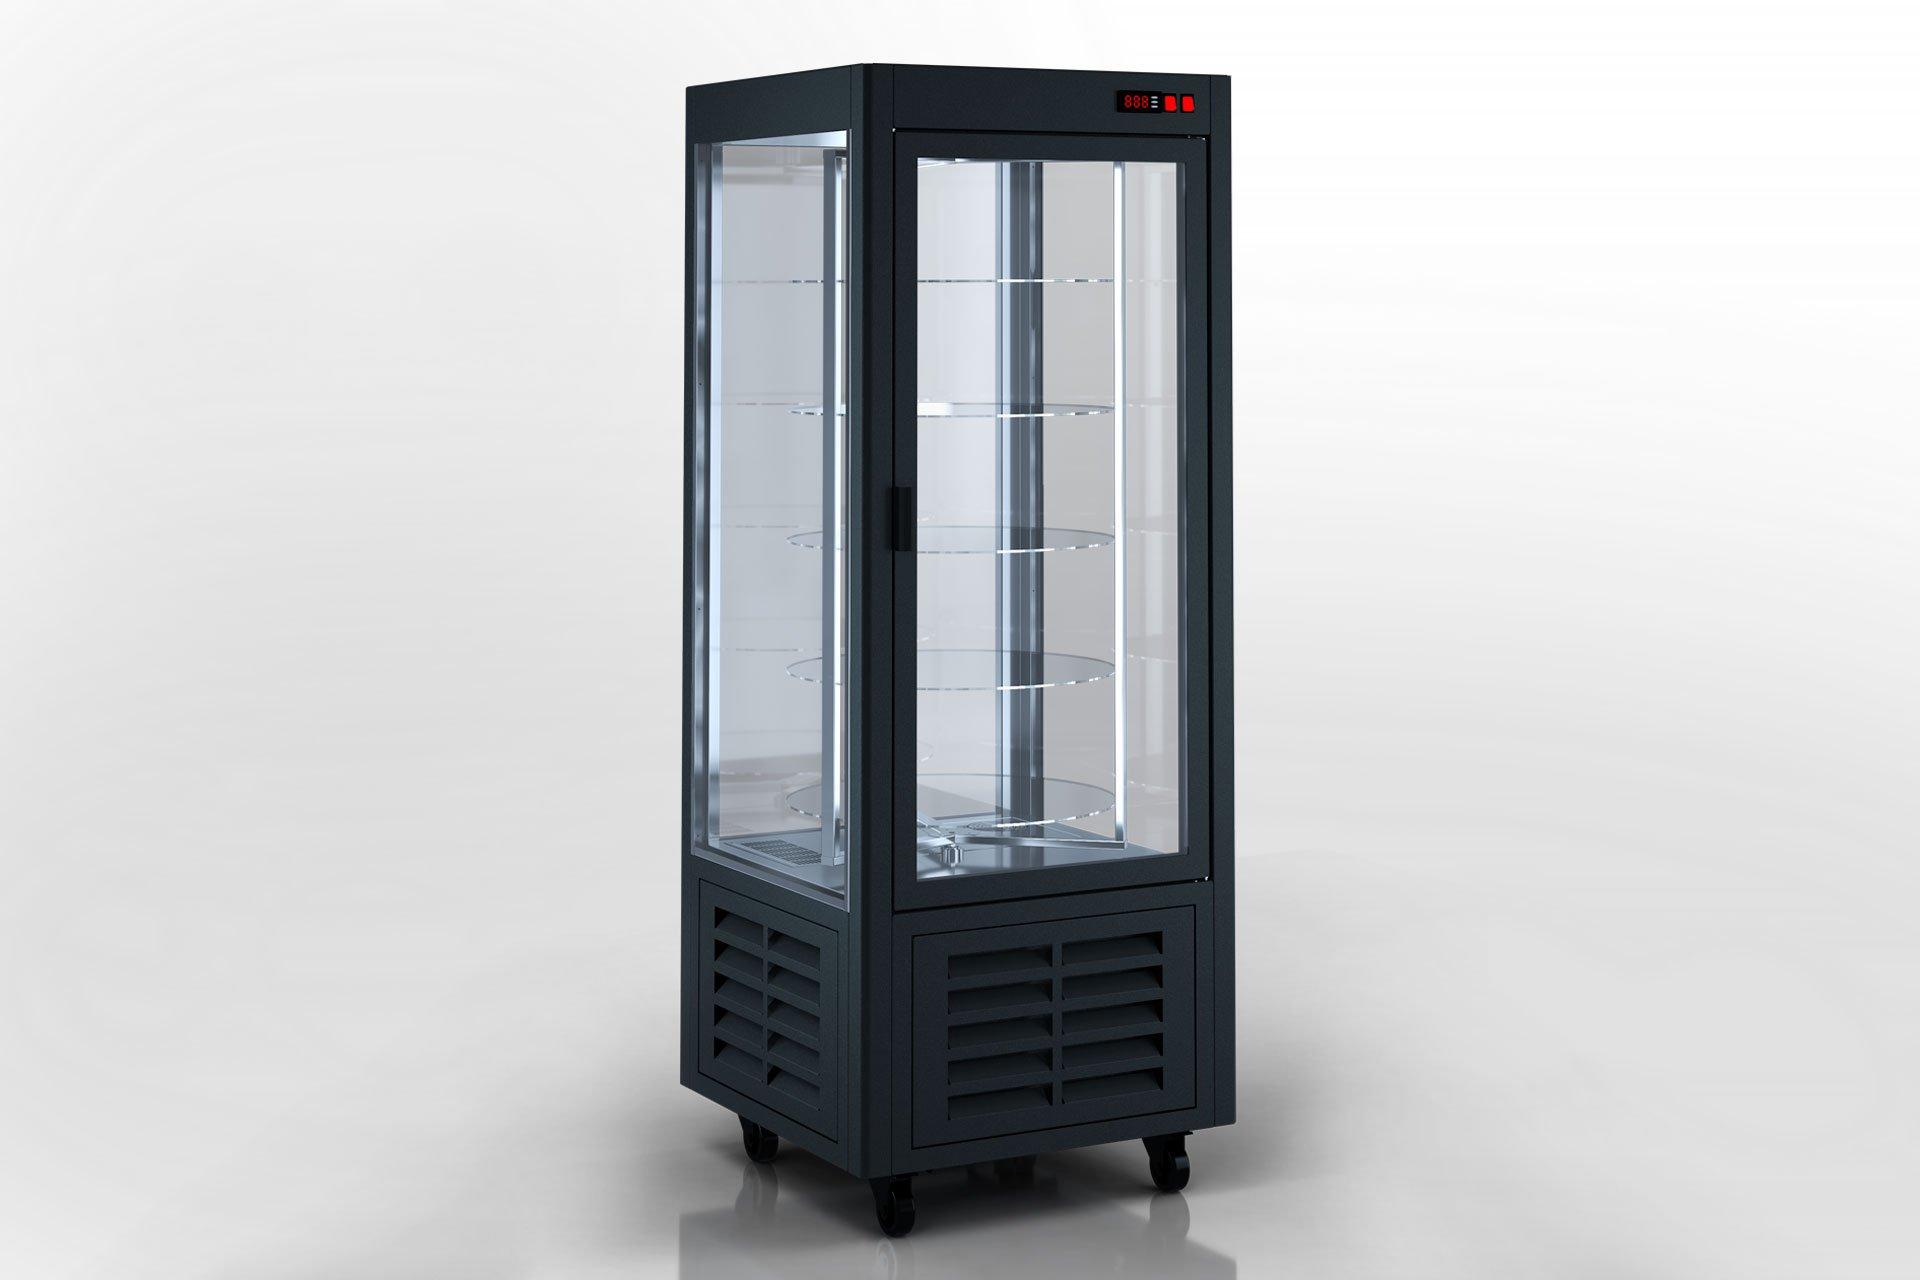 מקרר דלת זכוכית ARKANSAS-R CONFECTIONERY